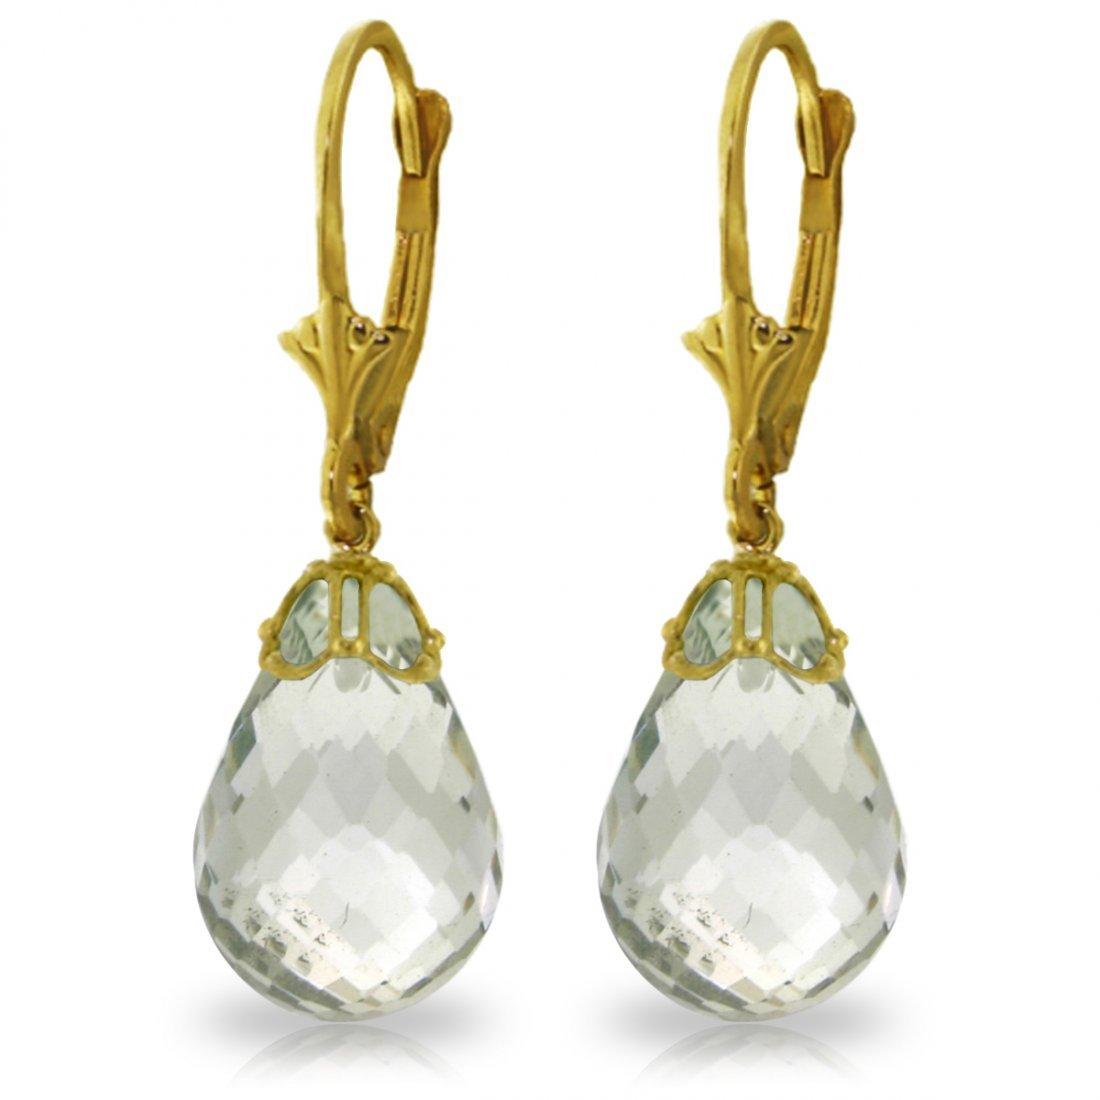 14k Yellow Gold 14.0ct Green Amethyst Earrings